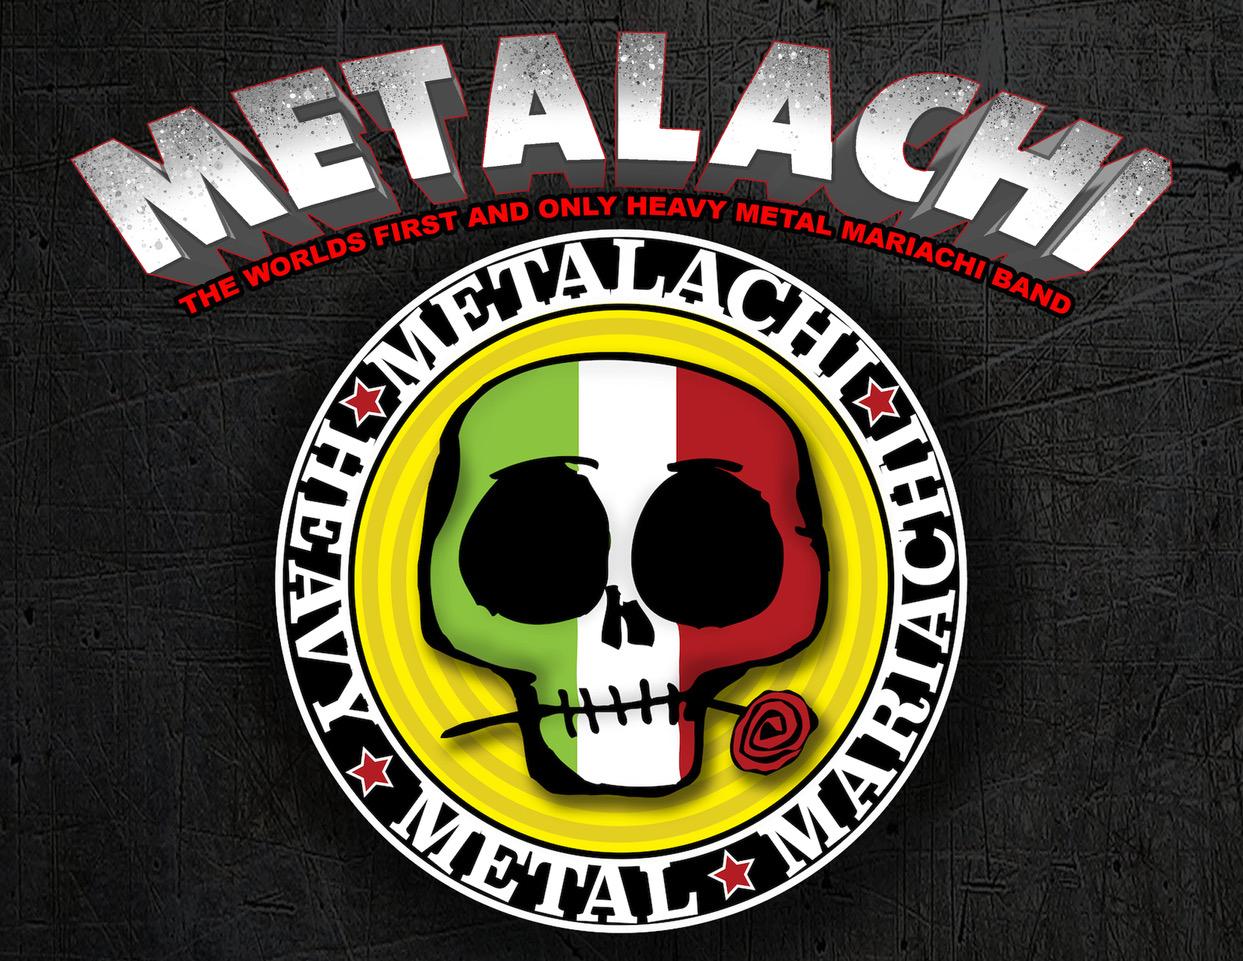 Metalachi: